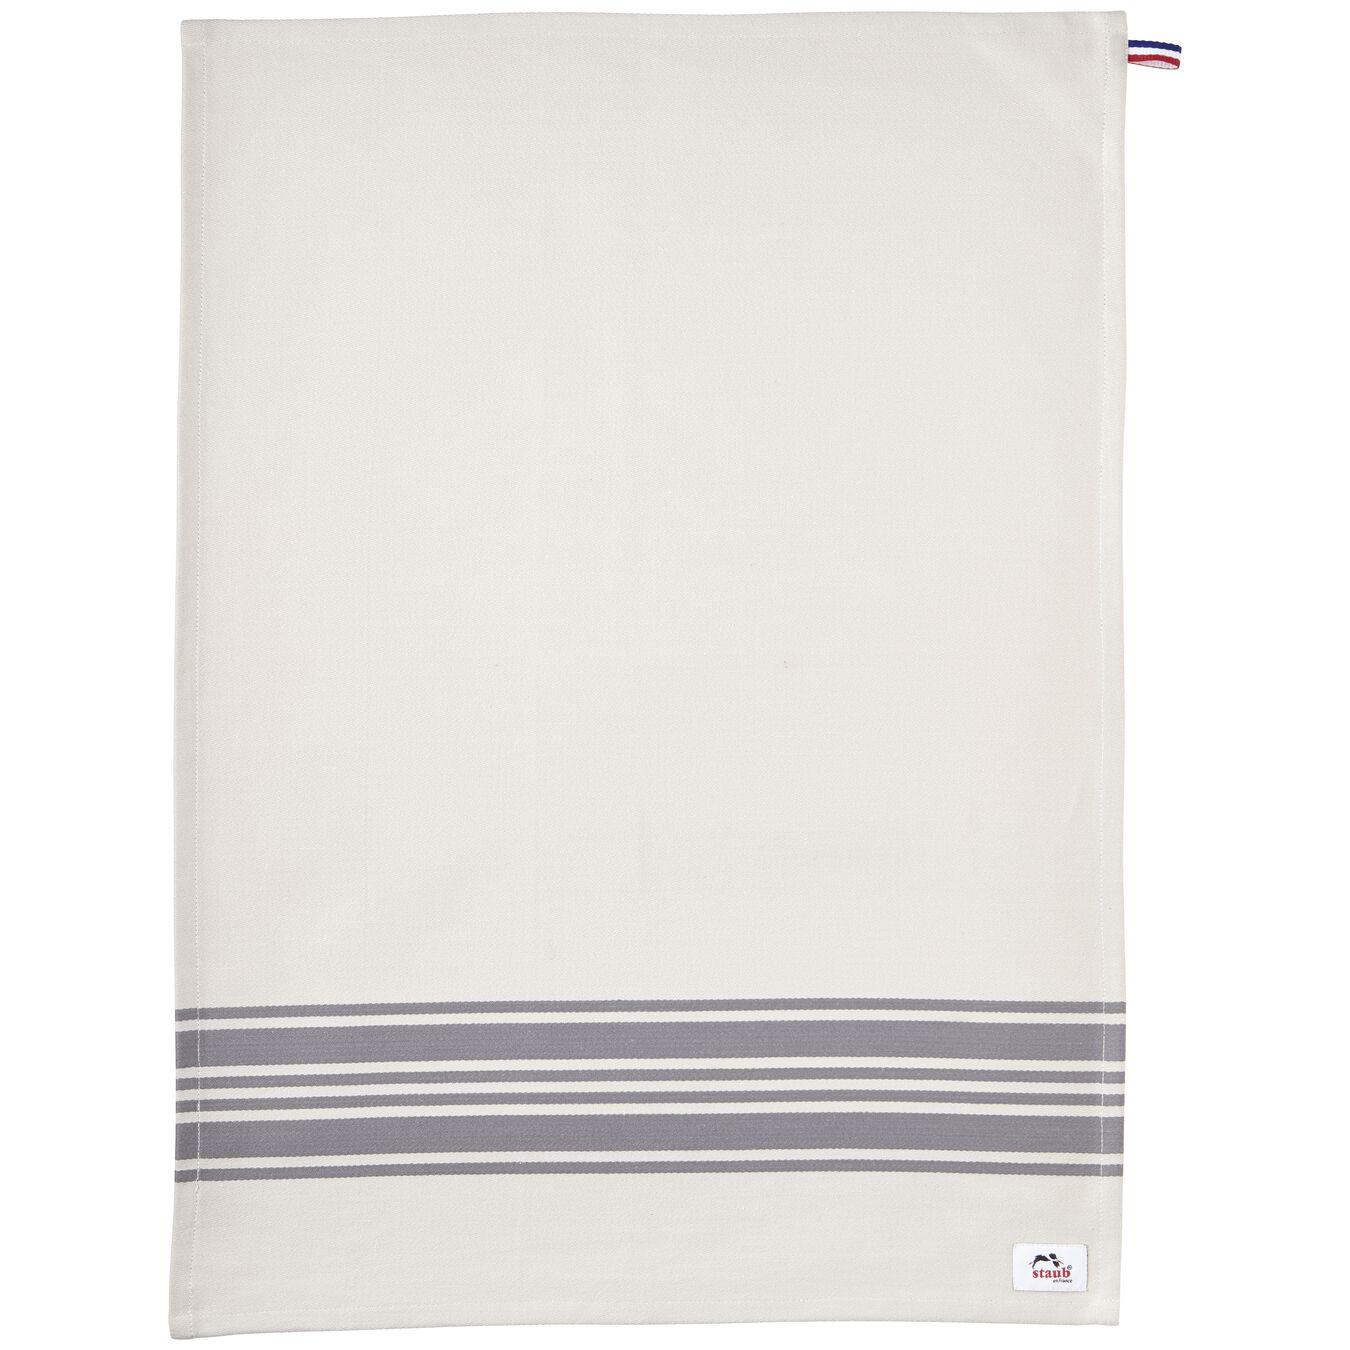 70 cm x 50 cm Cotton Kitchen towel, Grey,,large 6